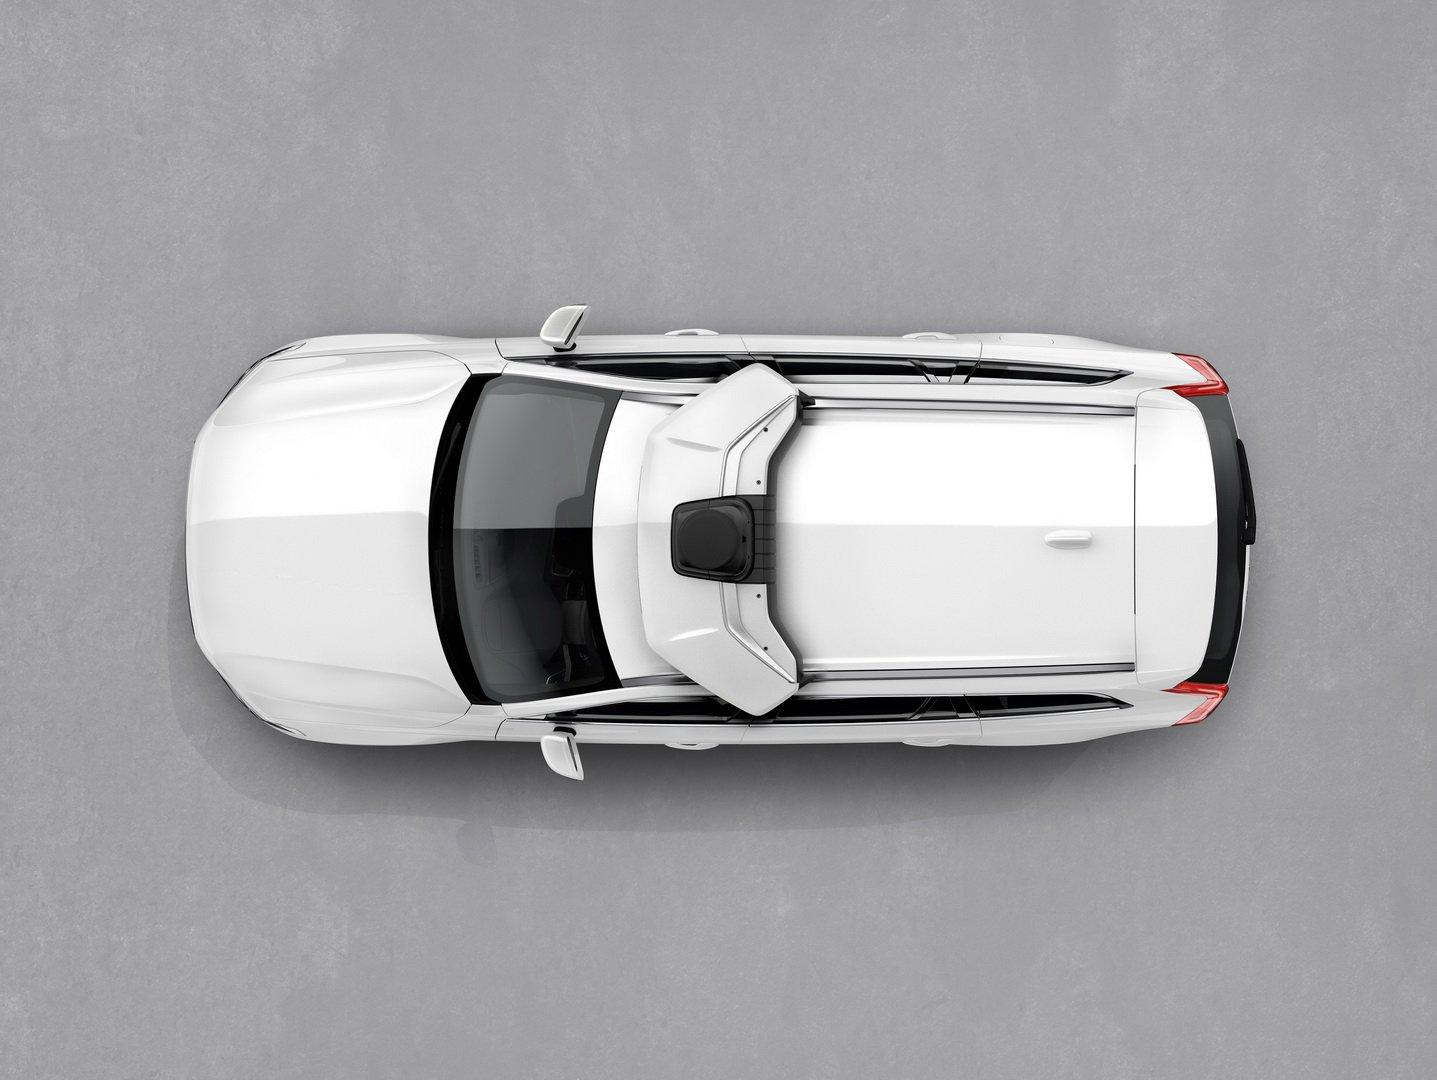 Volvo-XC90-autonomous-Uber-5